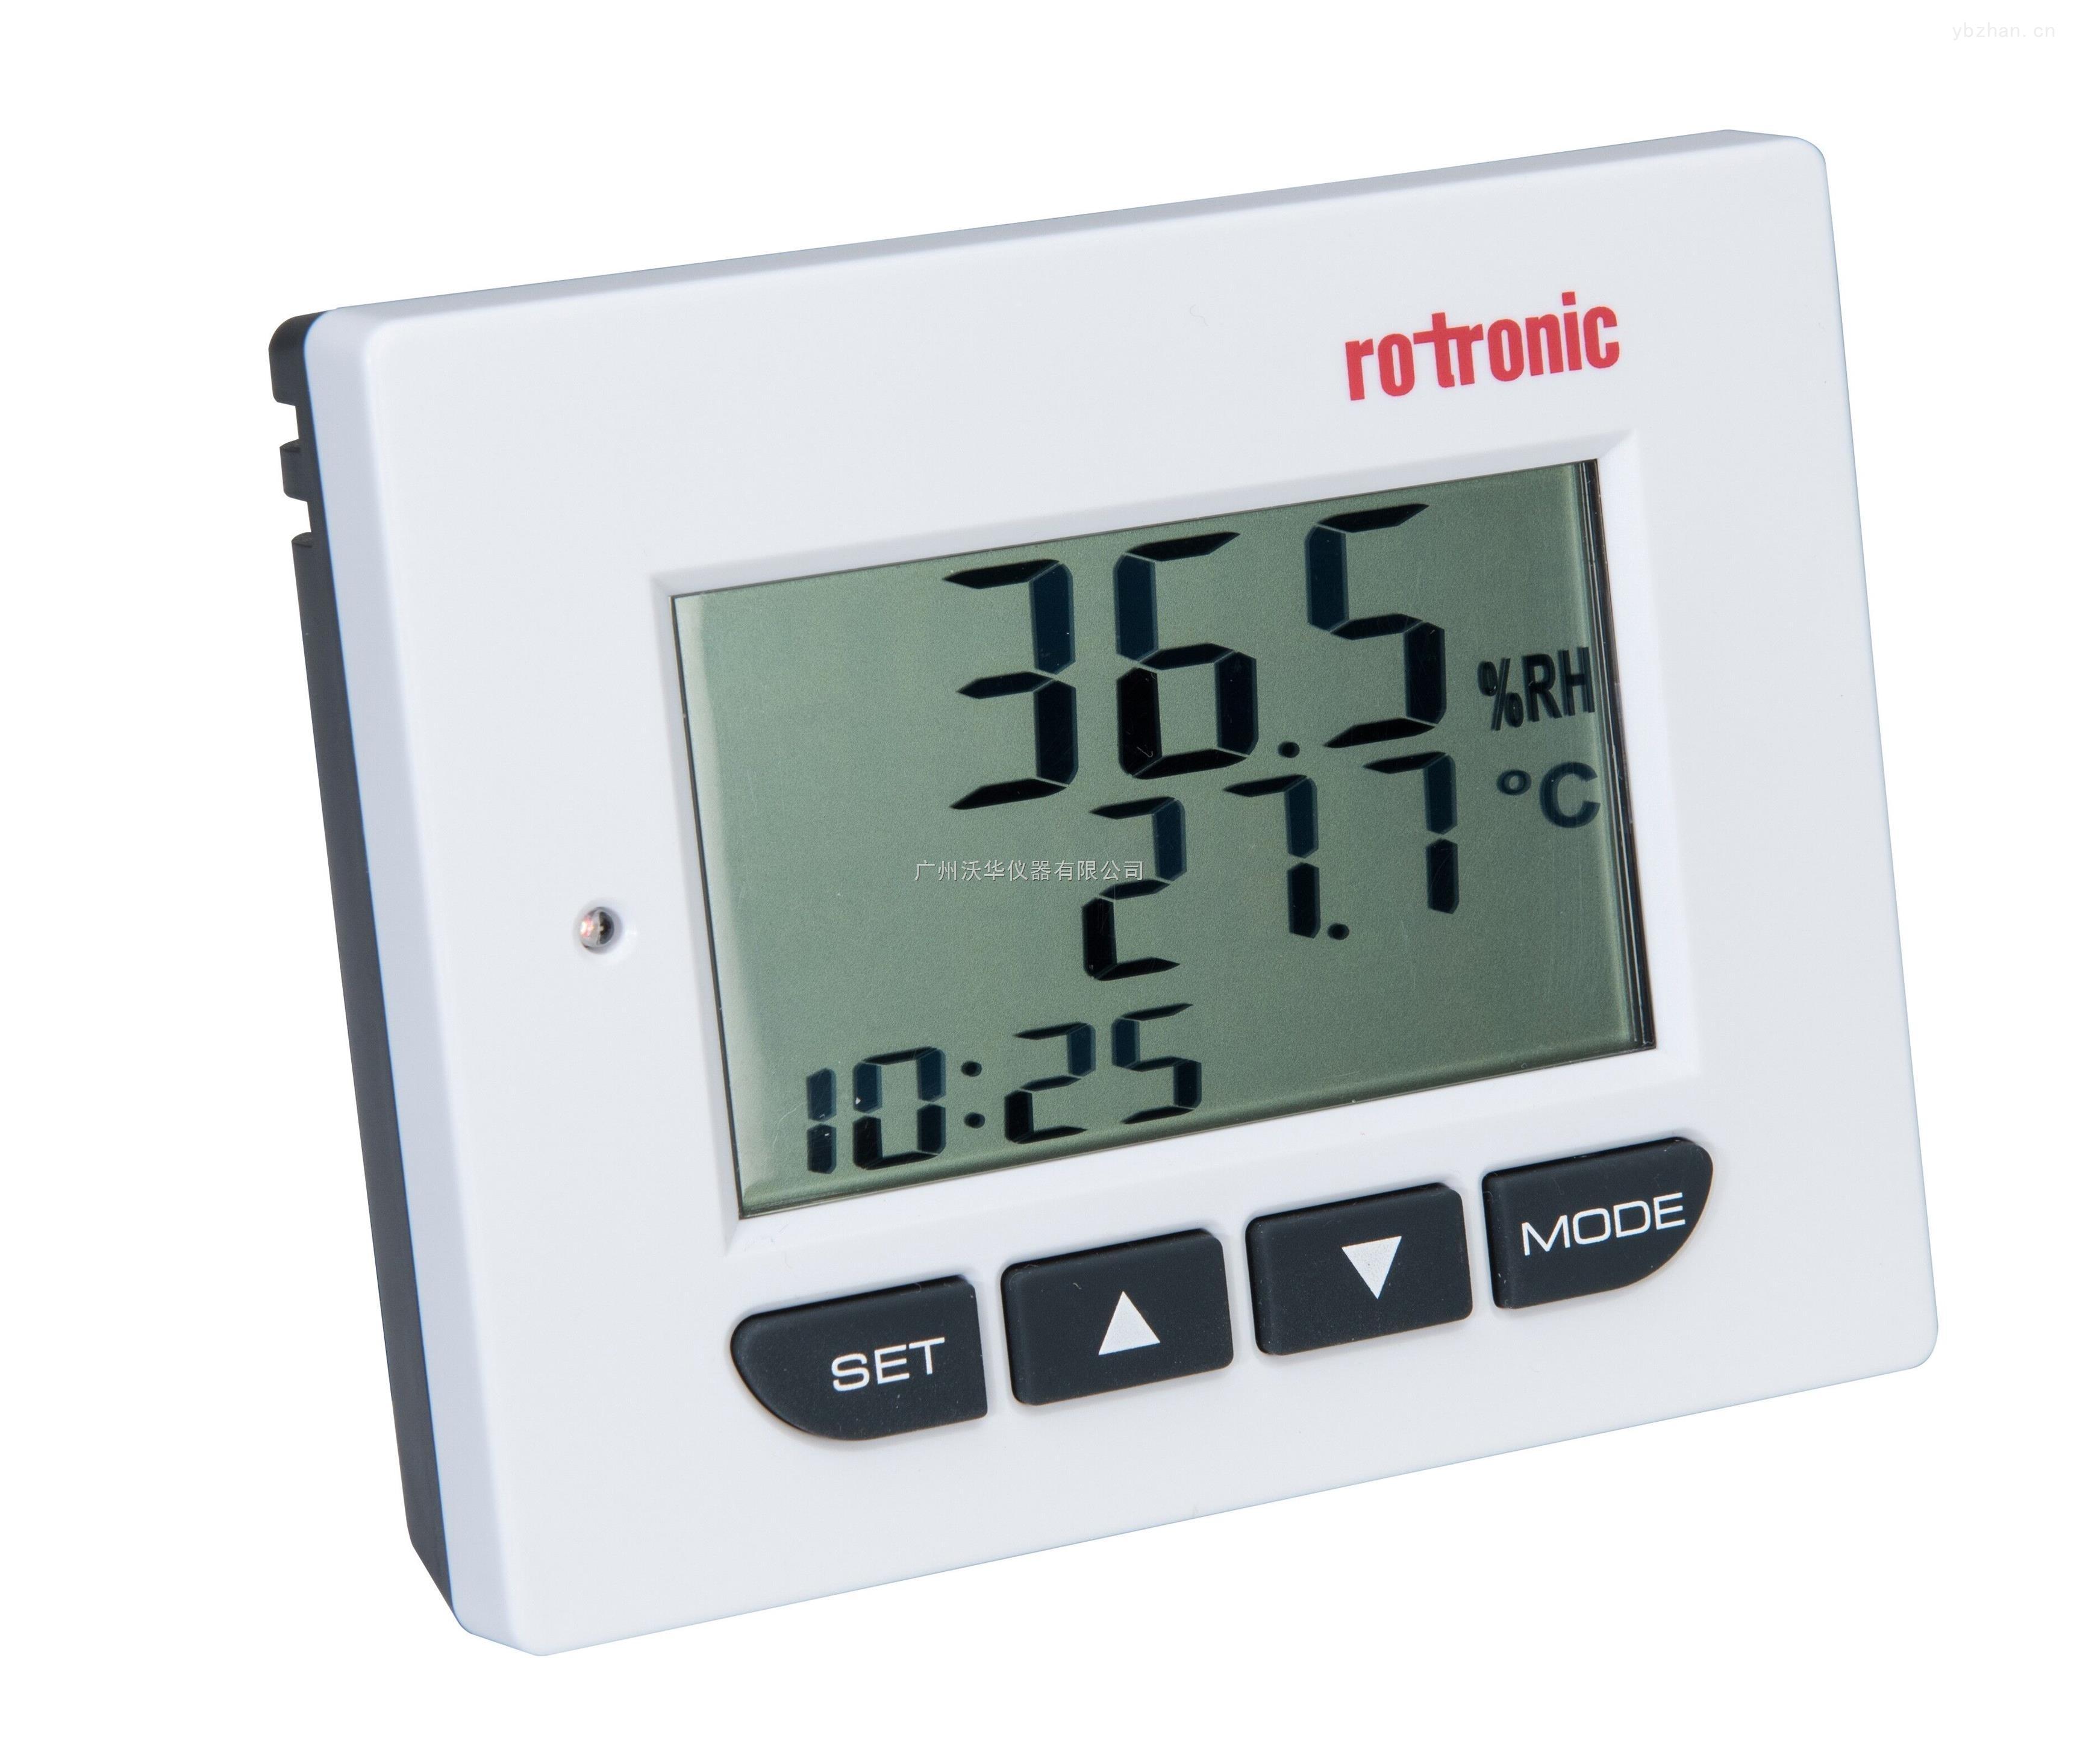 rotronic房间用温湿度显示器